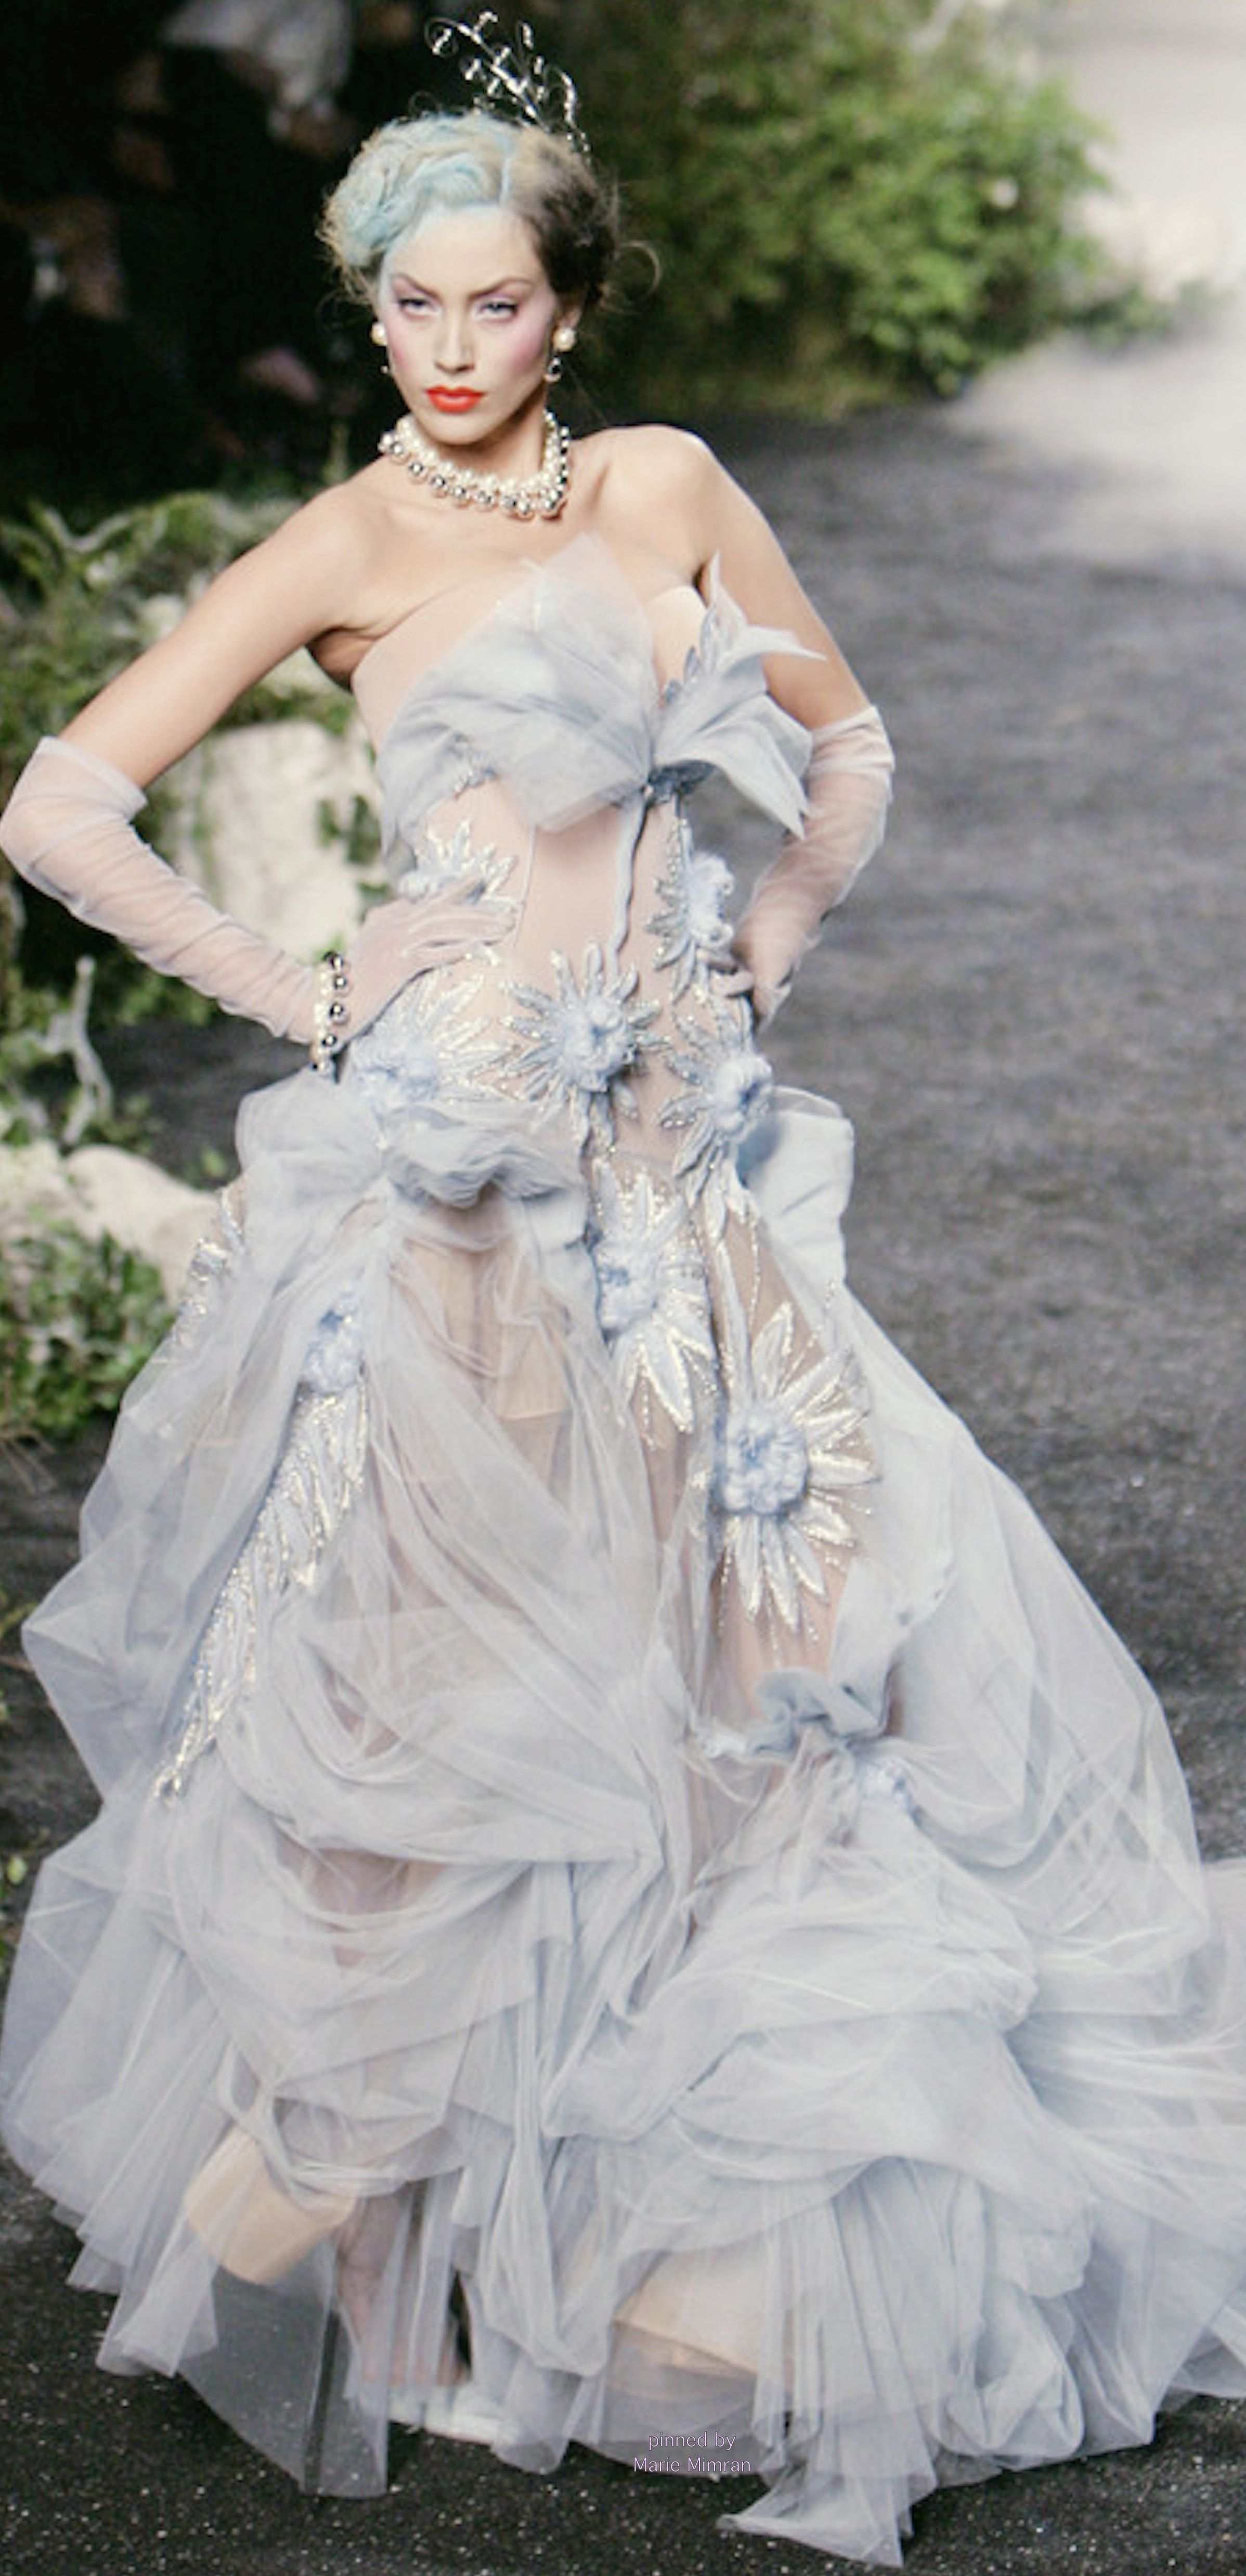 Dior wedding dresses  Christian Dior  стиль  Pinterest  Christian dior Dior and Christian